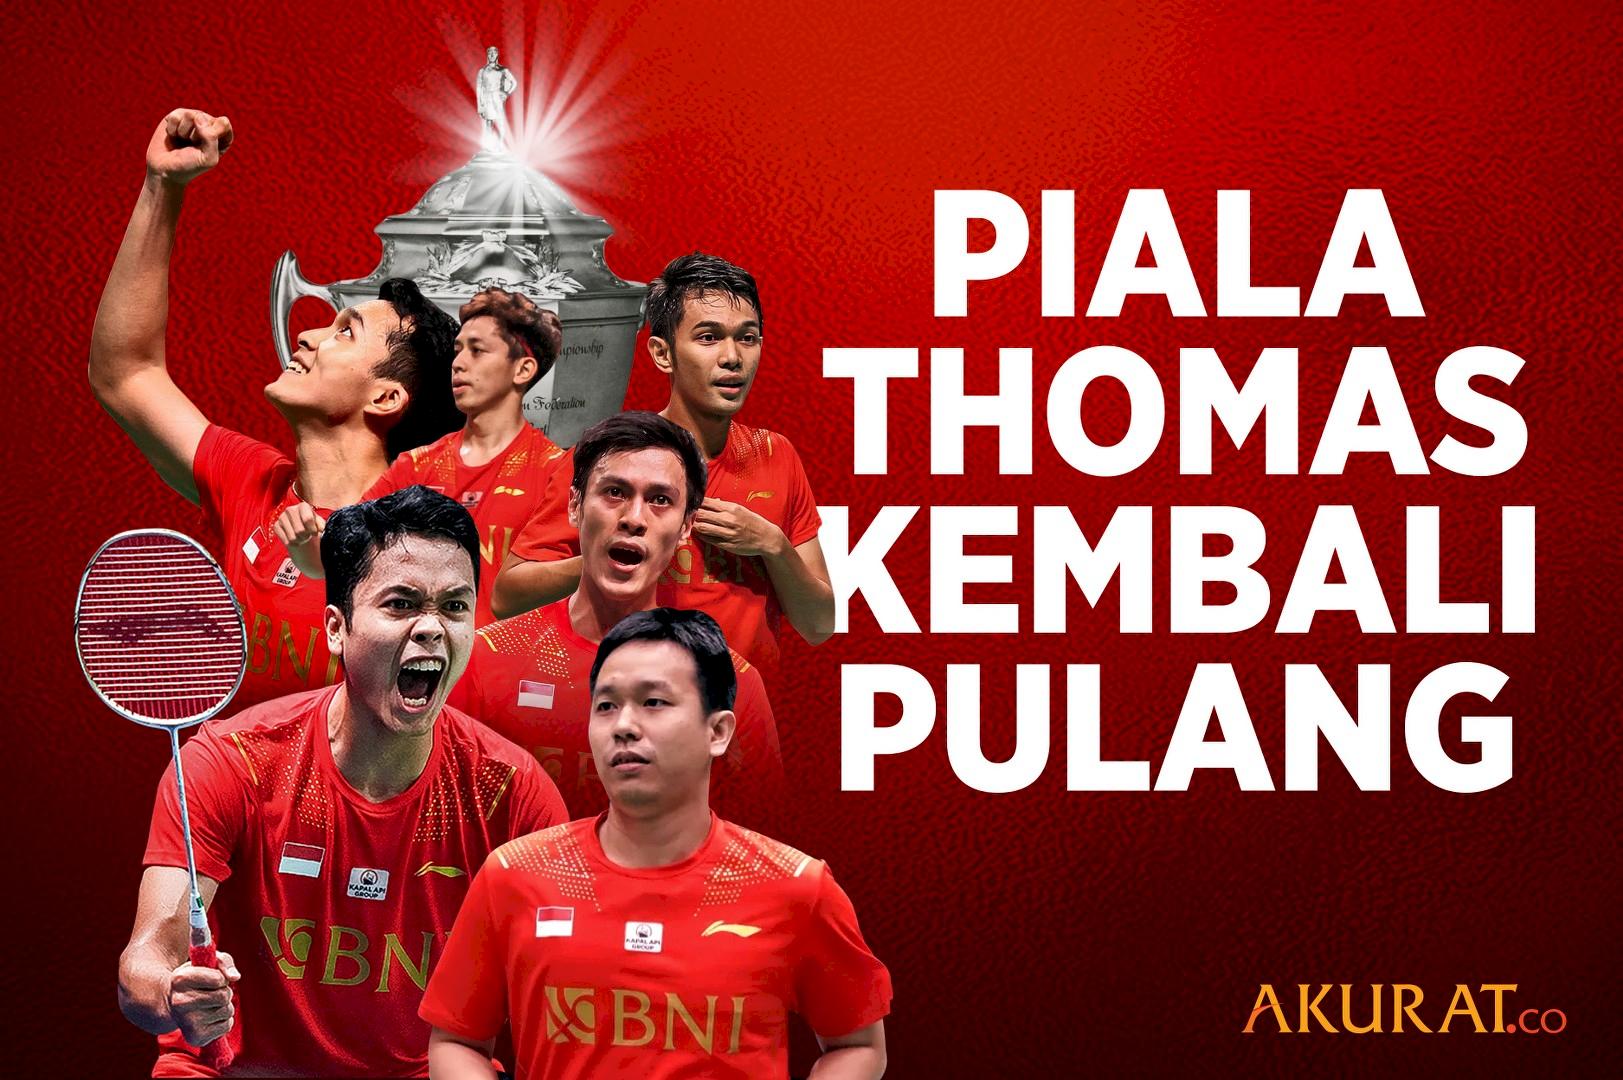 Piala Thomas Kembali Pulang